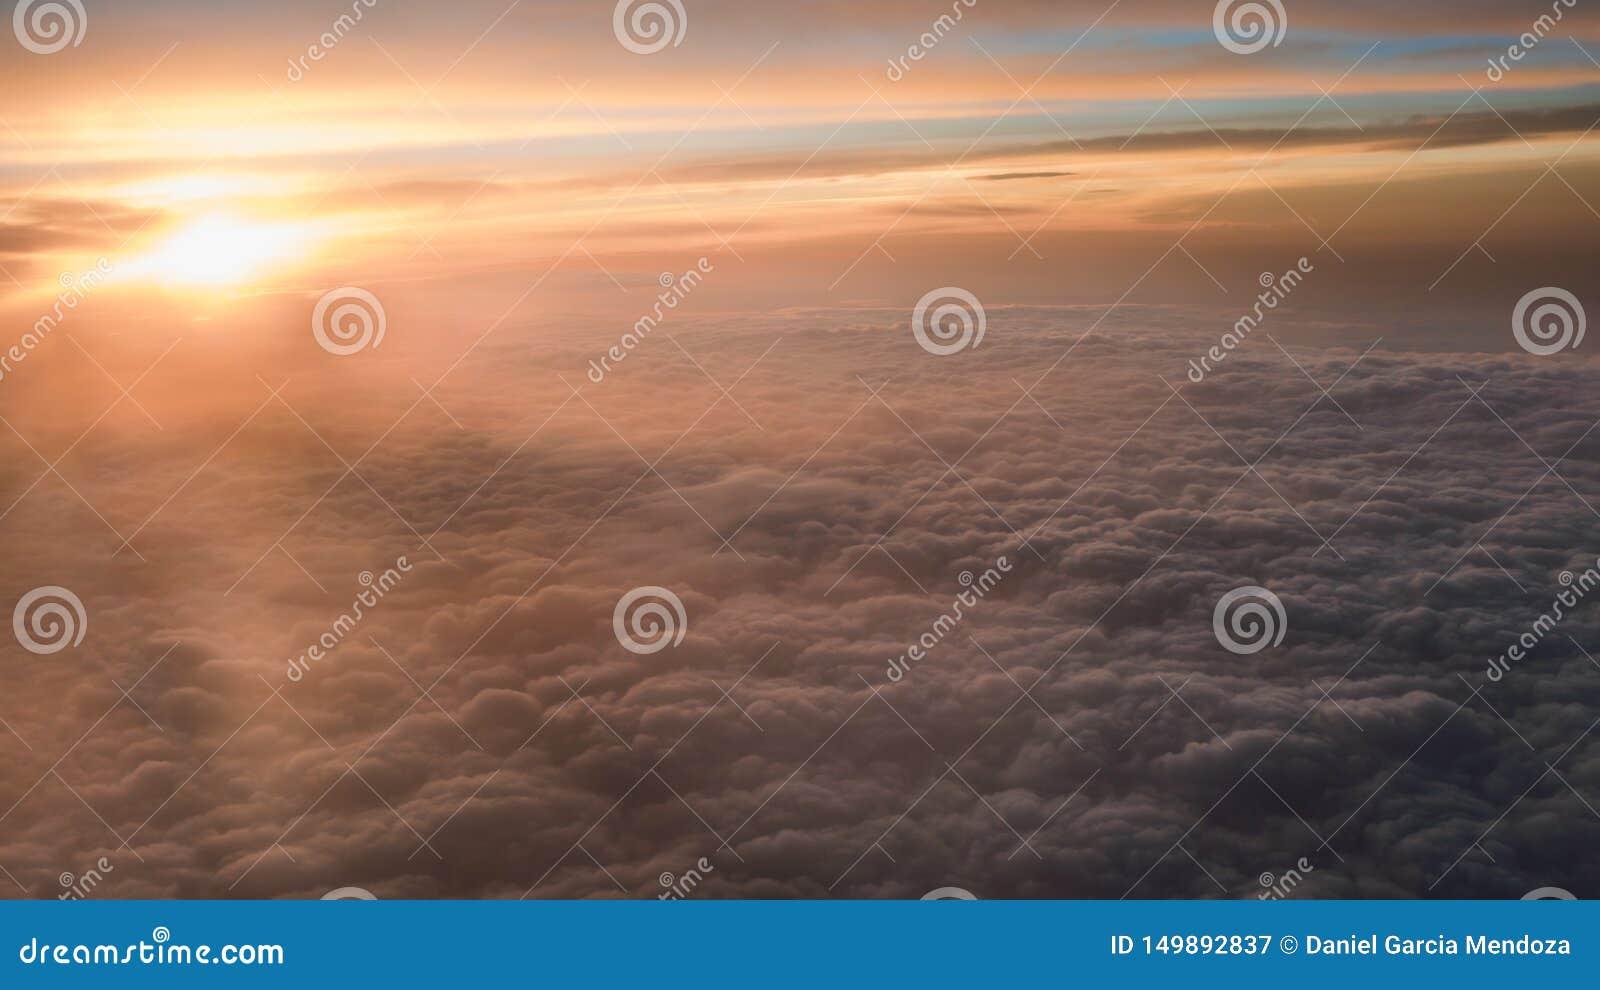 空中旅行 在黄昏或黎明的飞行 飞行通过橙色云彩和太阳